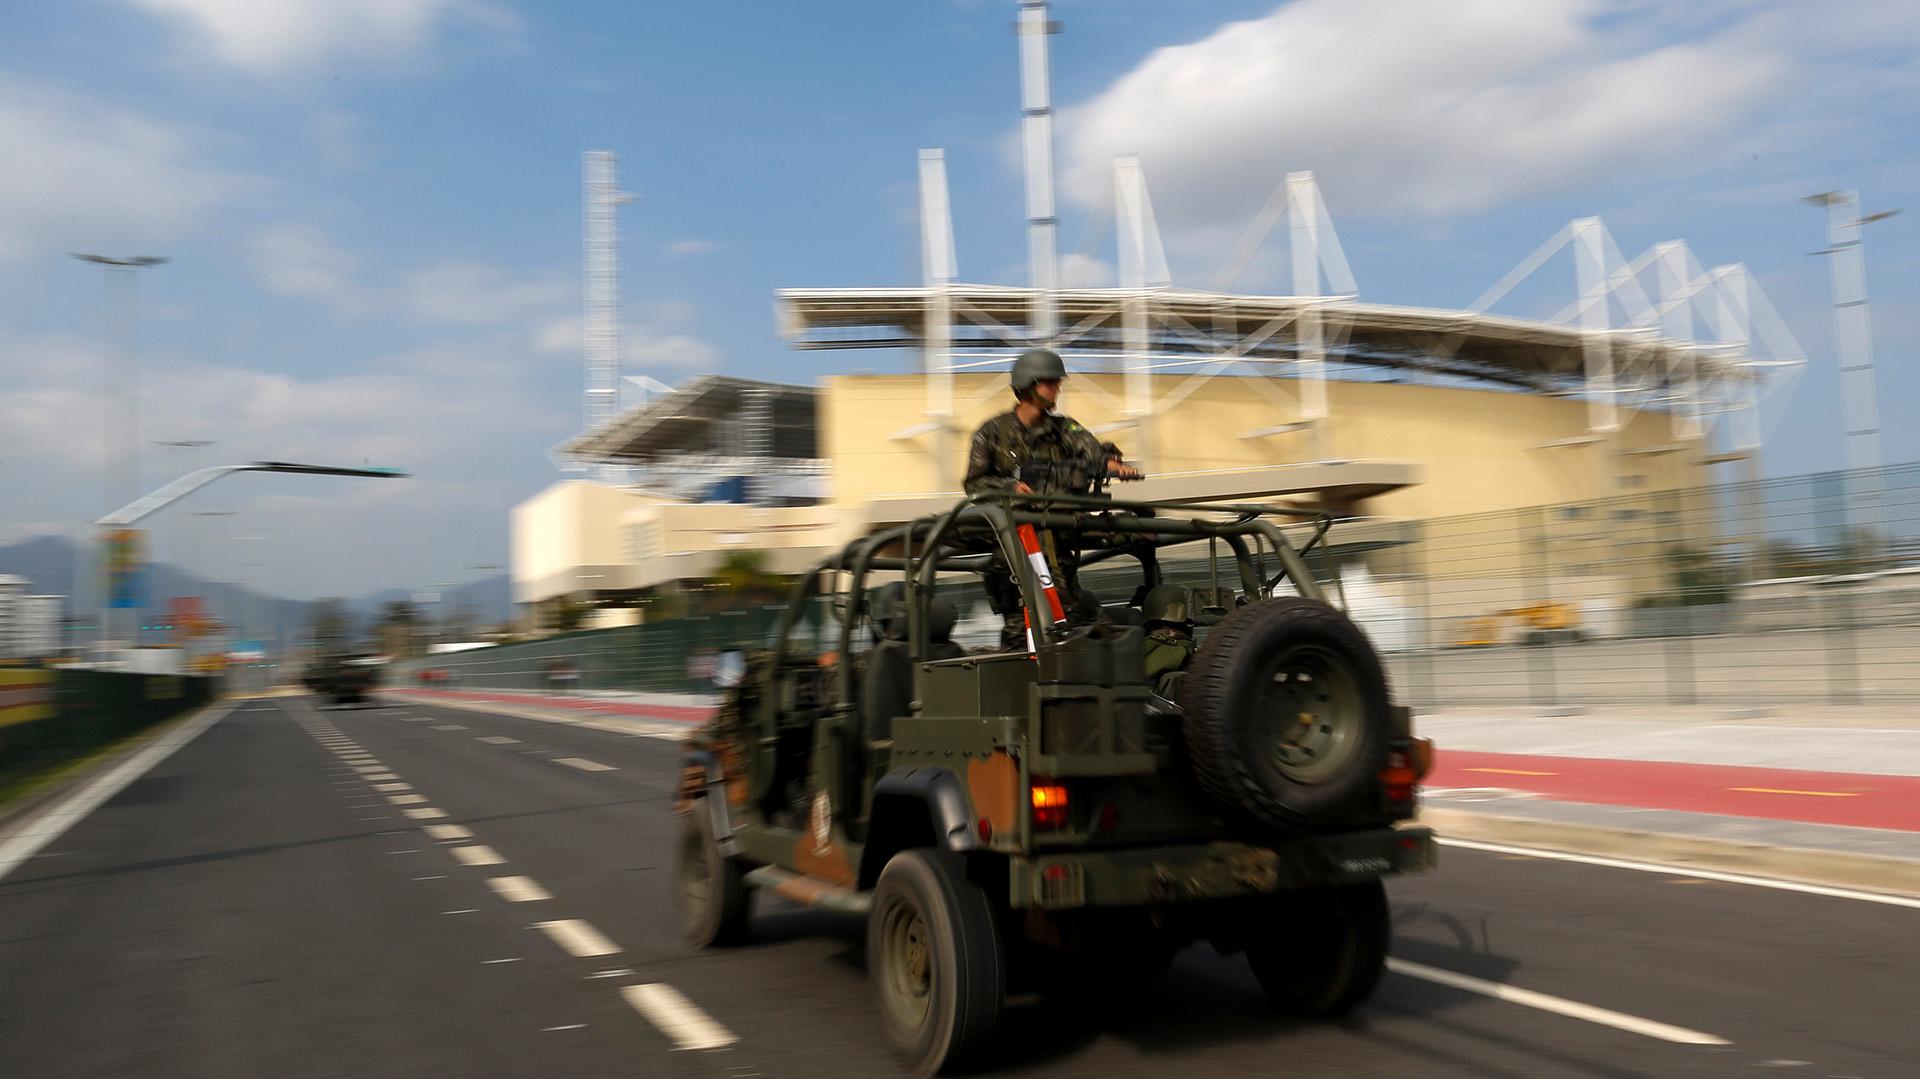 El poder Ejecutivo inyectó 900 millones de dólares a la gobernación de Río para solventar costear los salarios de policías y bomberos (REUTERS)